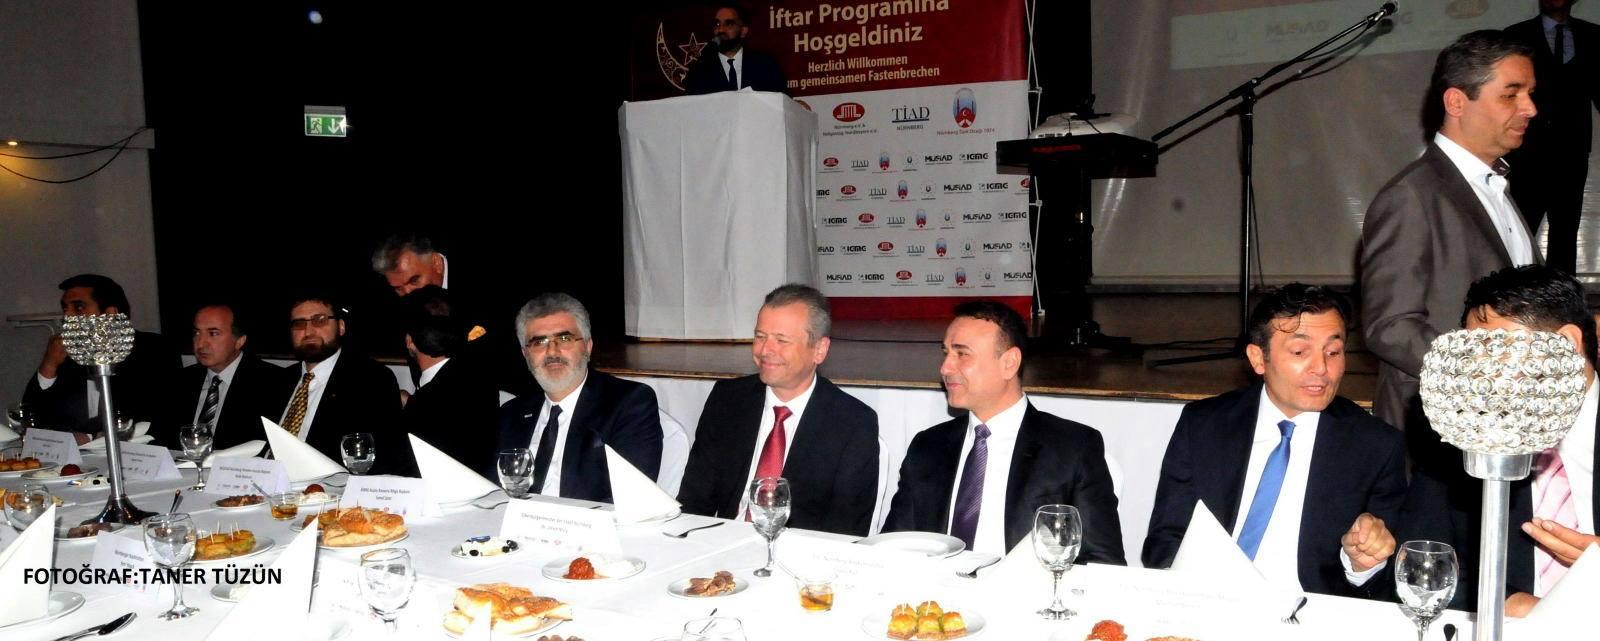 Nürnberg'de ilk kez altı Türk sivil kuruluşu birlikte toplu iftar düzenledi